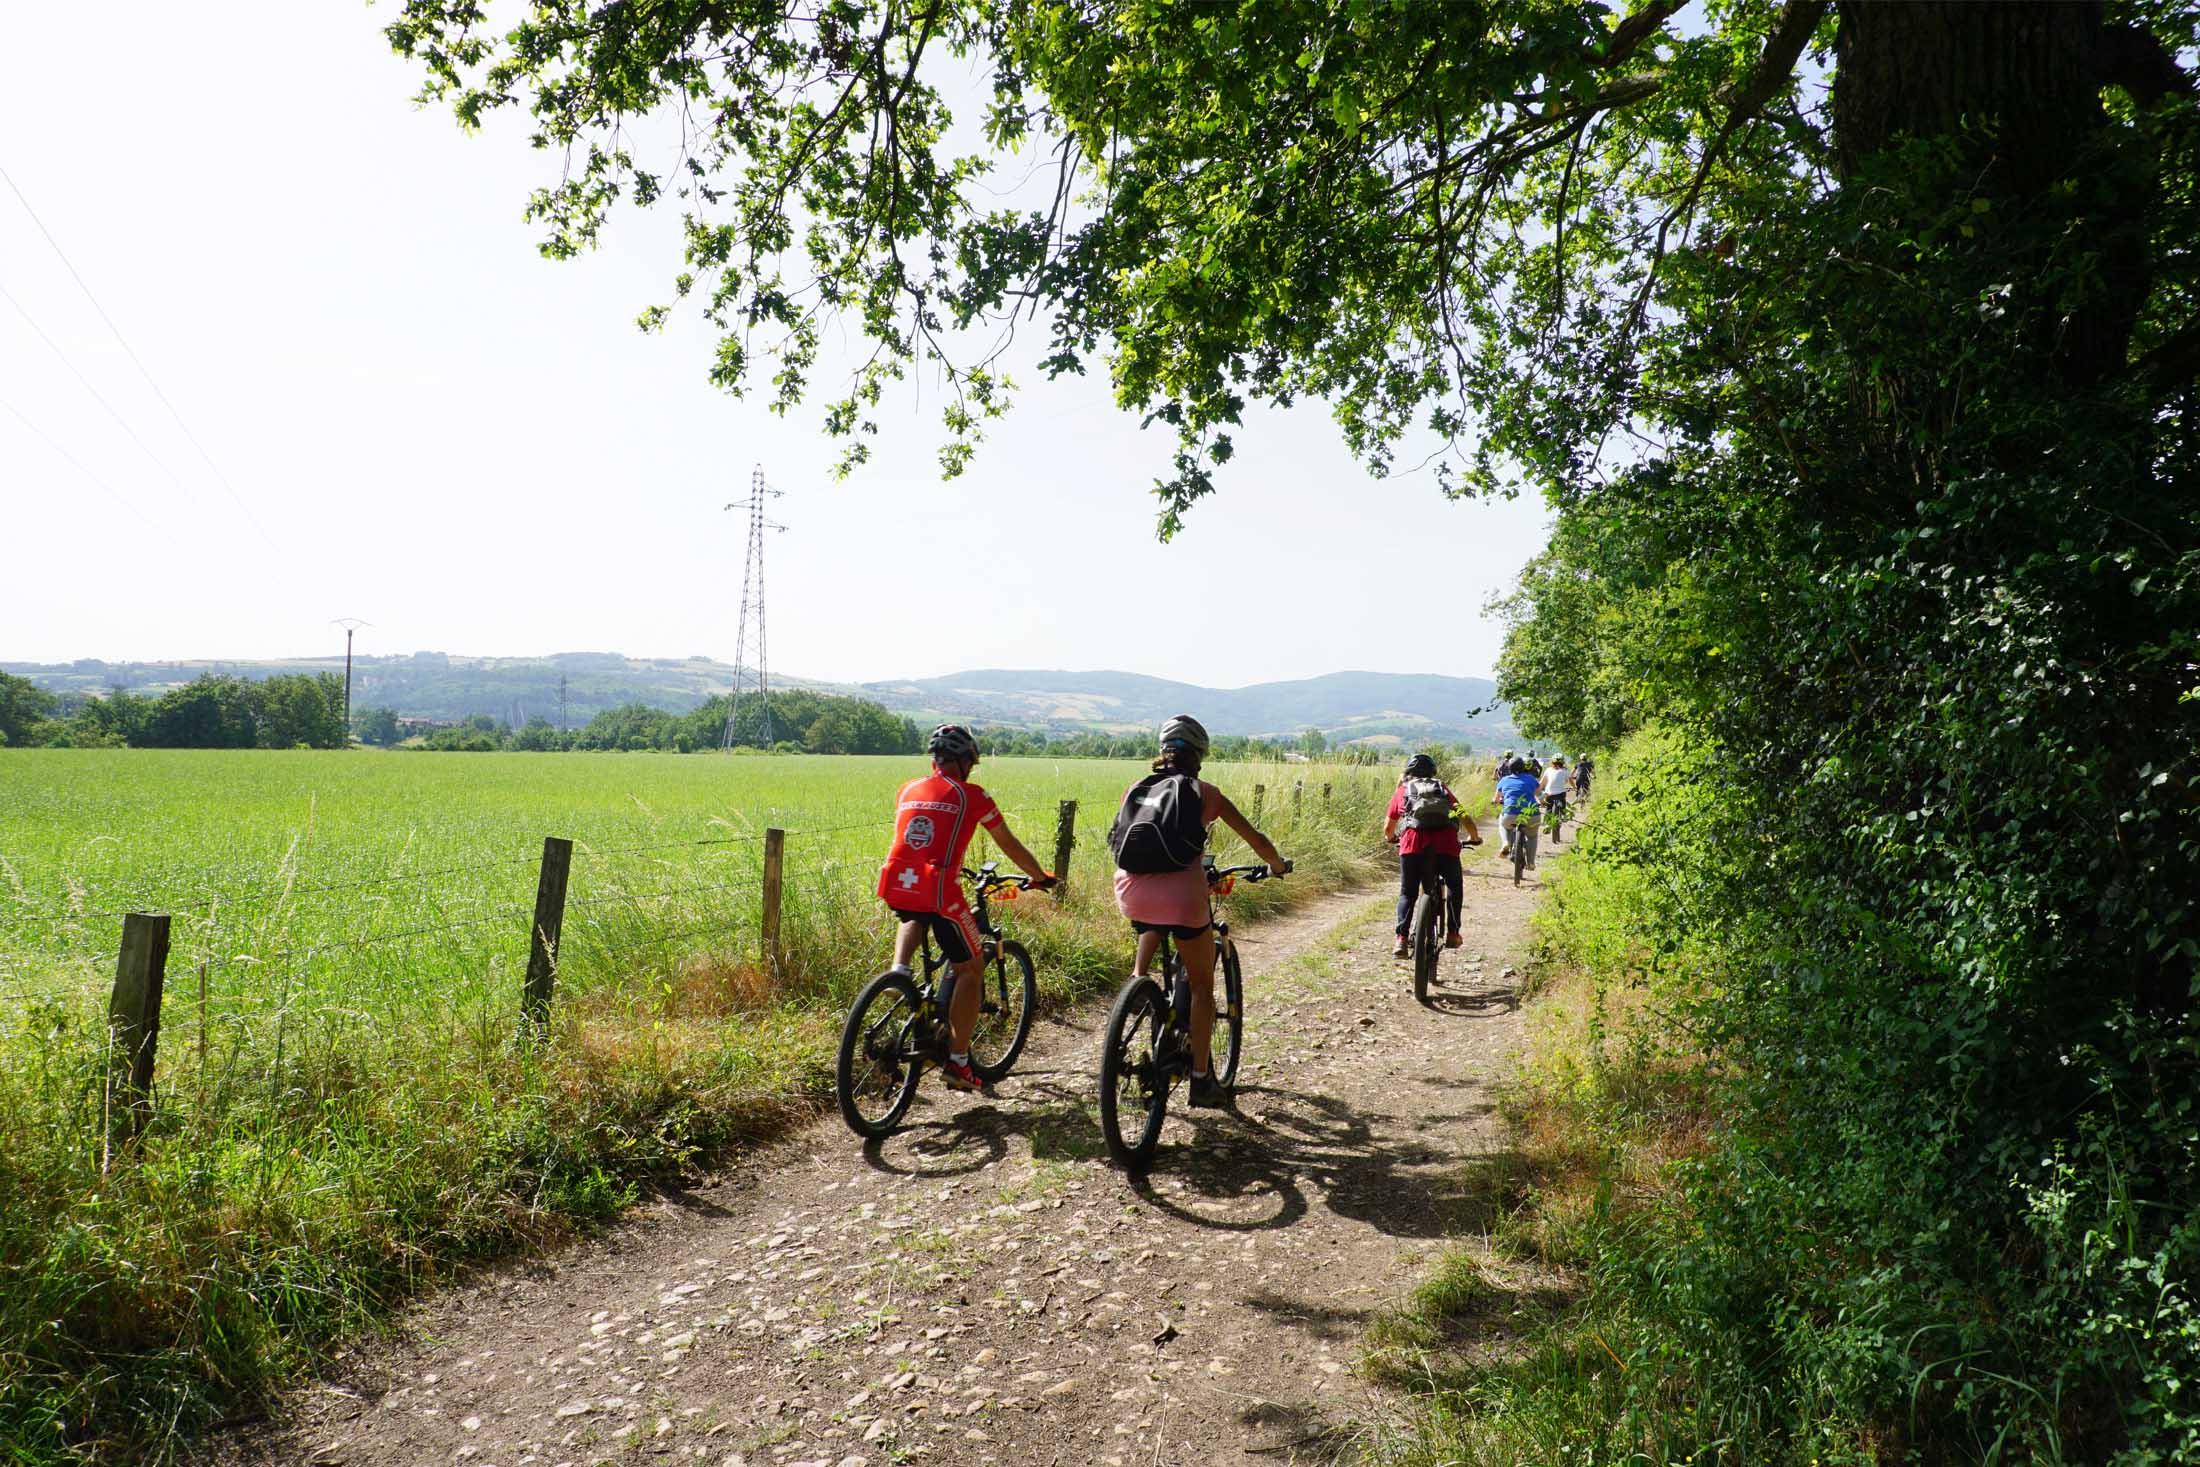 Balade en vélo au Pays de l'Arbresle